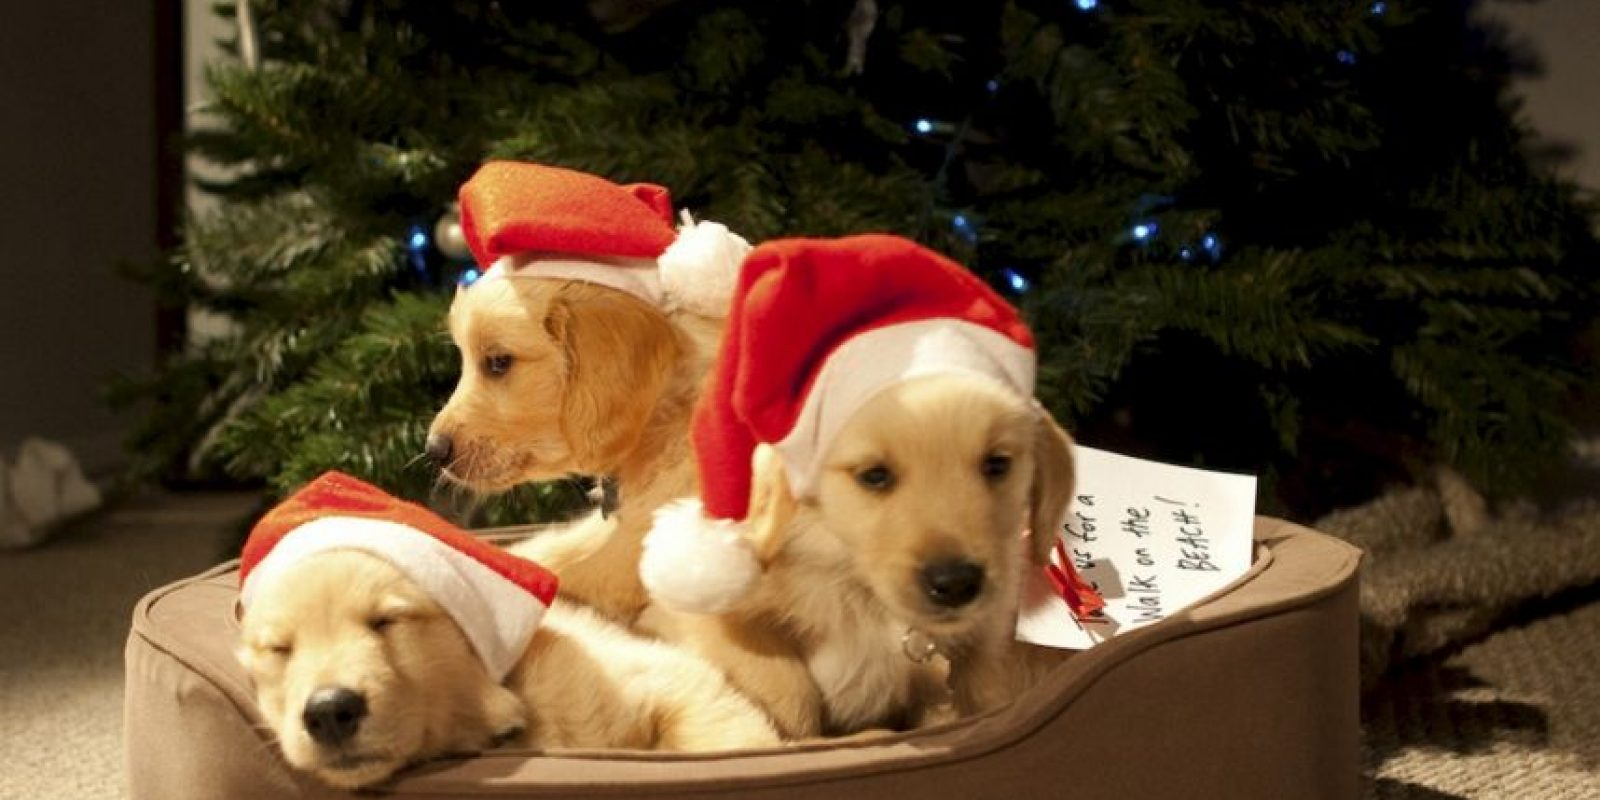 Con la ayuda de cuatro perros Golden Retrievers, la pareja de jubilados Tod y Katherine quieren jugar a ser Cupido para divertirse esta Navidad. Foto:vía Netflix